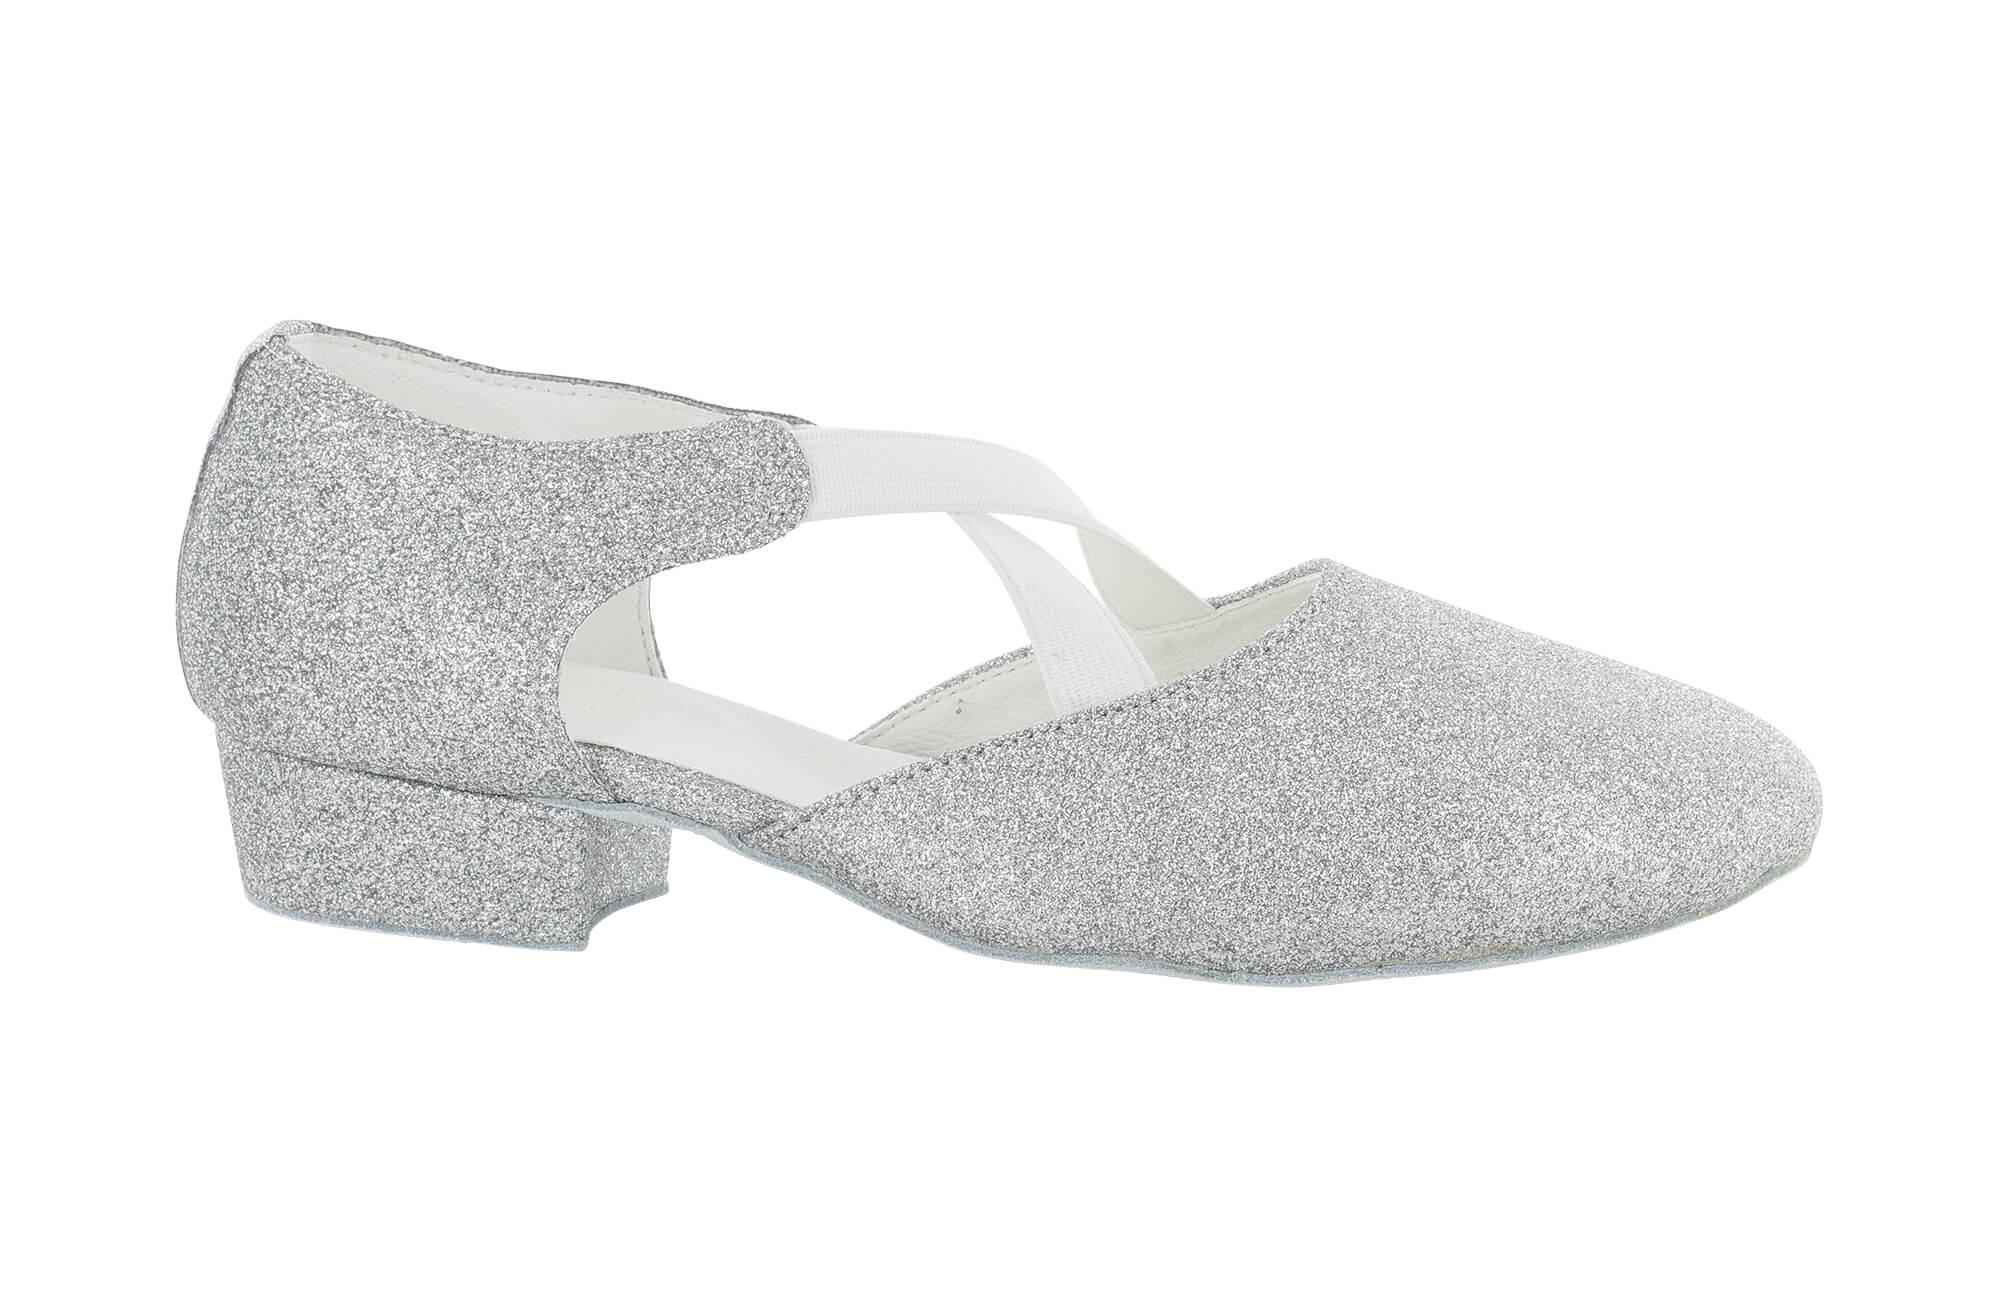 Zapato de baile Danc'in de Tejido Purpurina Plateado con Tacón de 2'5cm